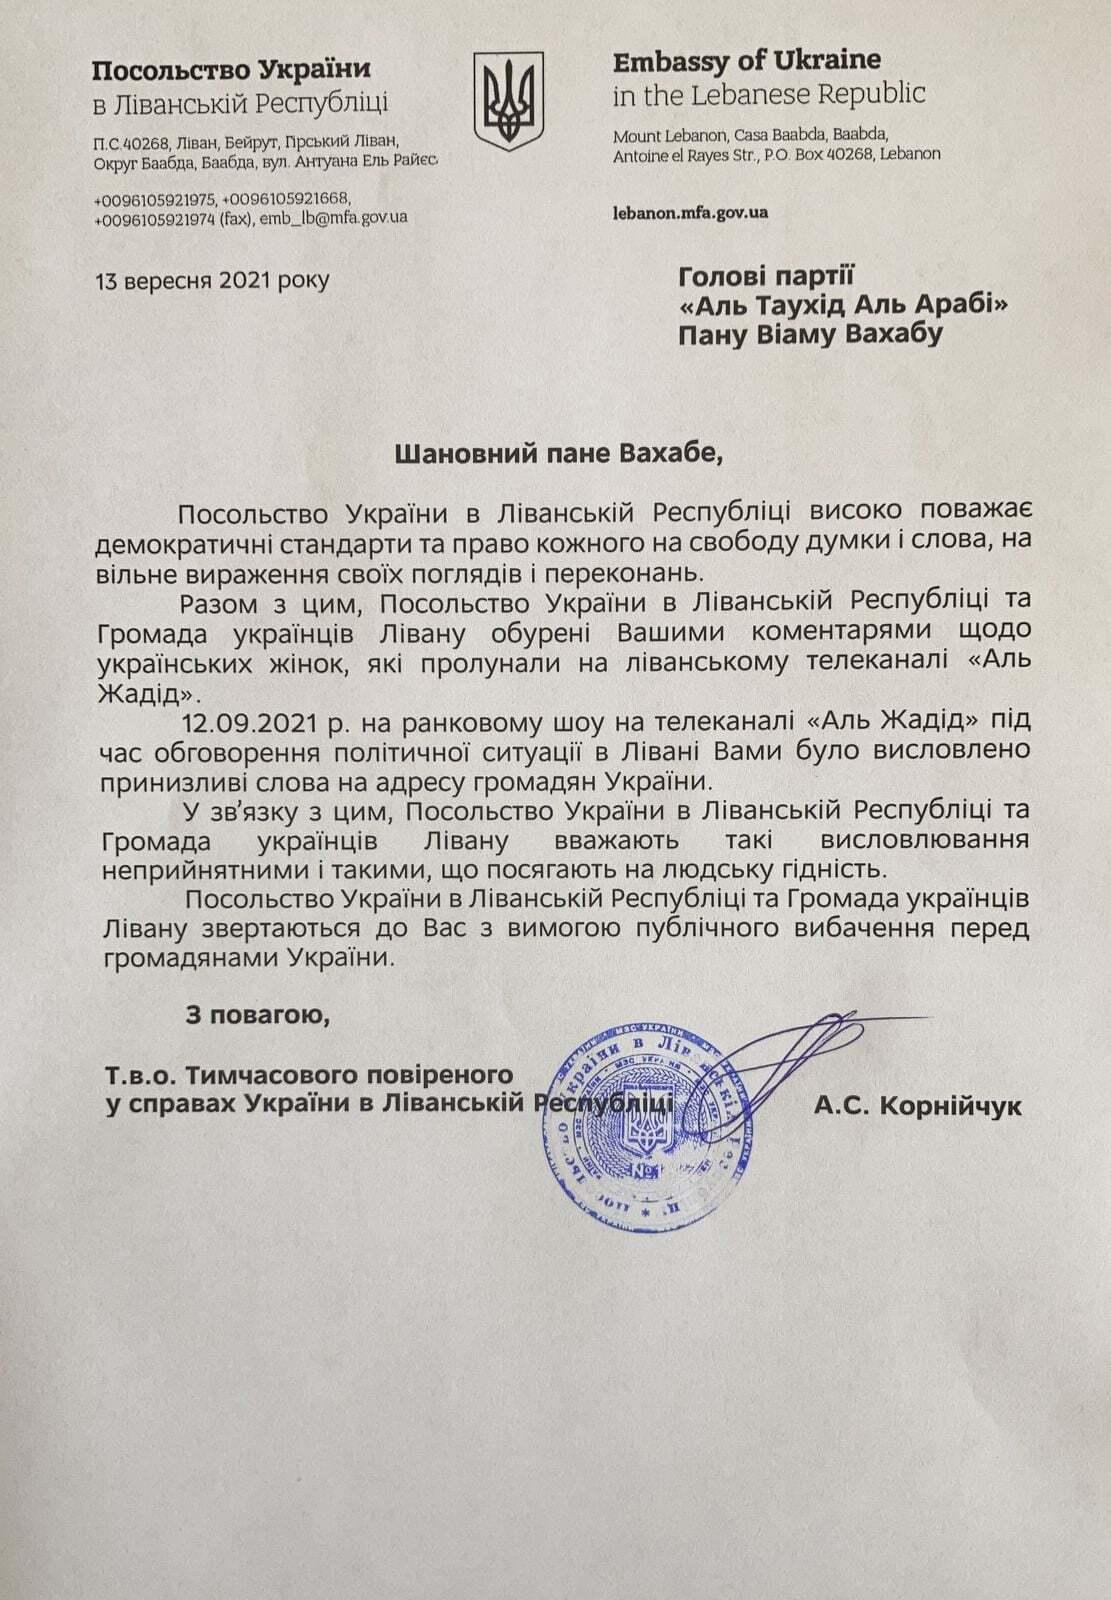 Обращение украинского посольства к Виаму Ваххабу